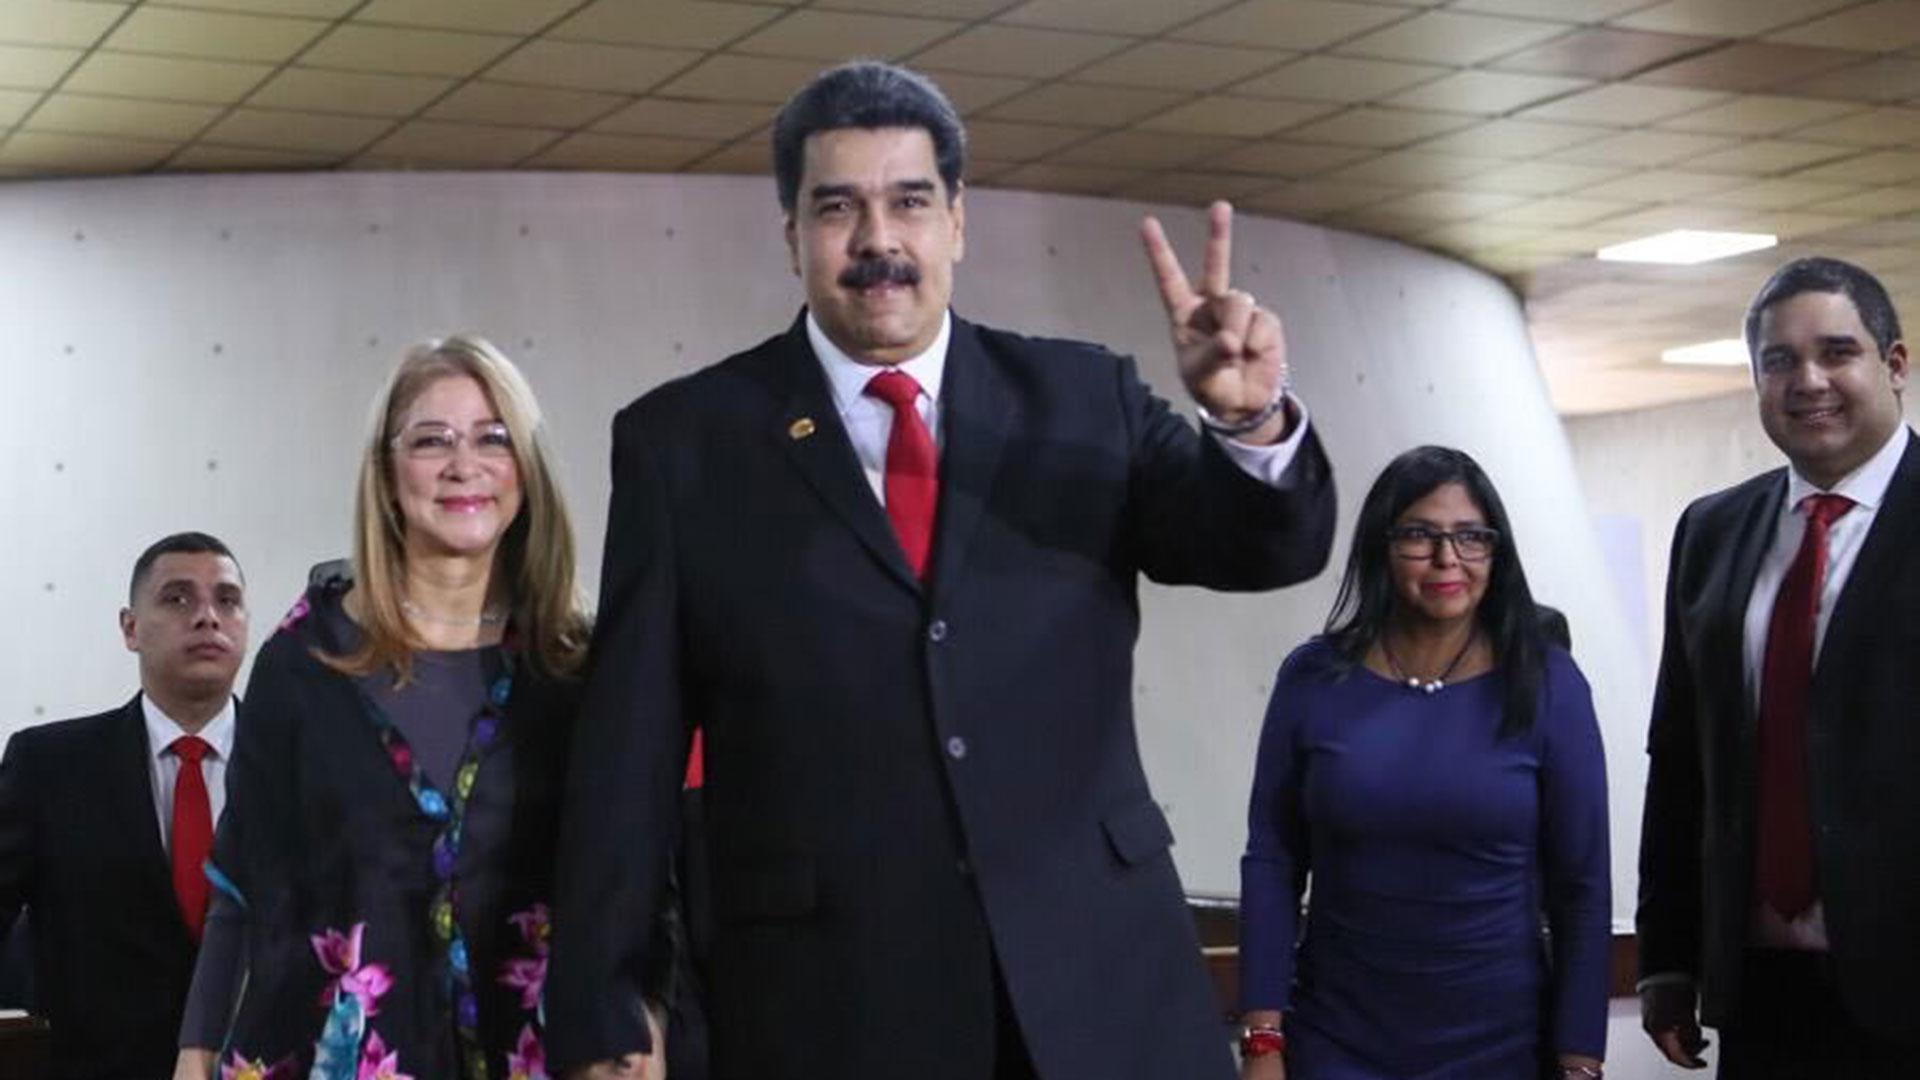 Nicolás Maduro y su esposa, Cilia Flores, antes de la jura en Caracas (@EmbaVen_Arg)